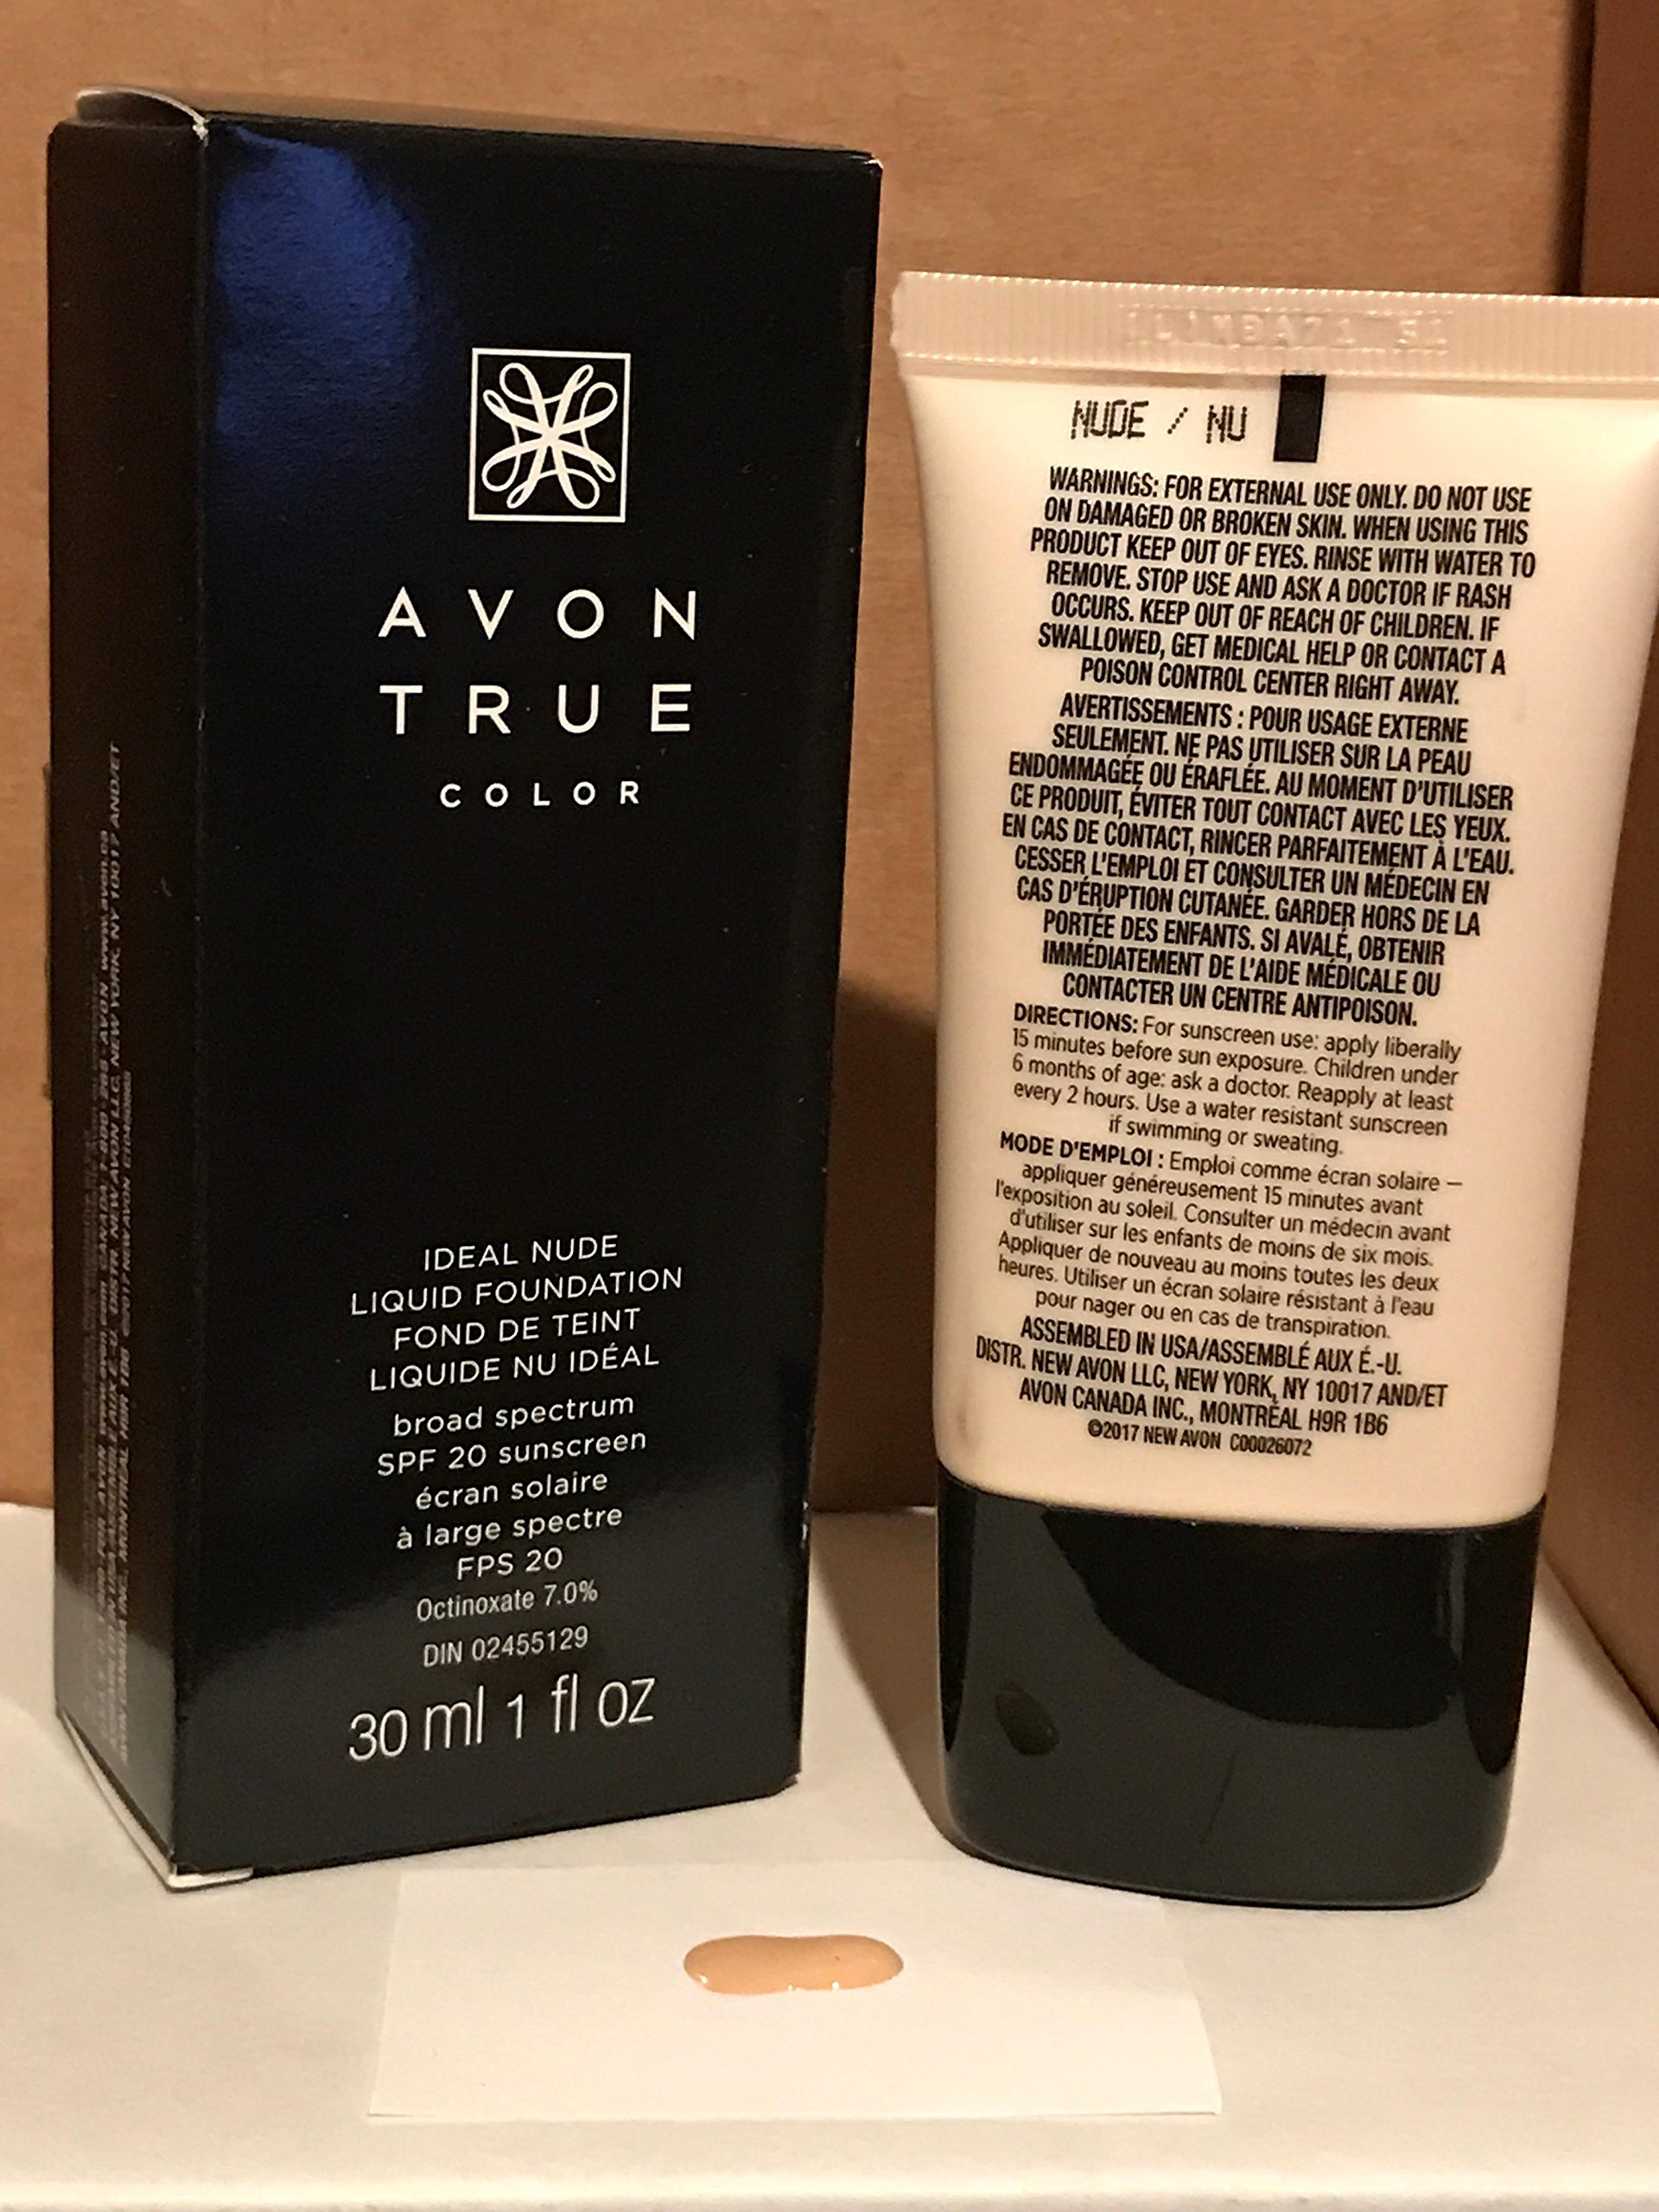 Avon True Color Ideal Nude Liquid Foundation NUDE